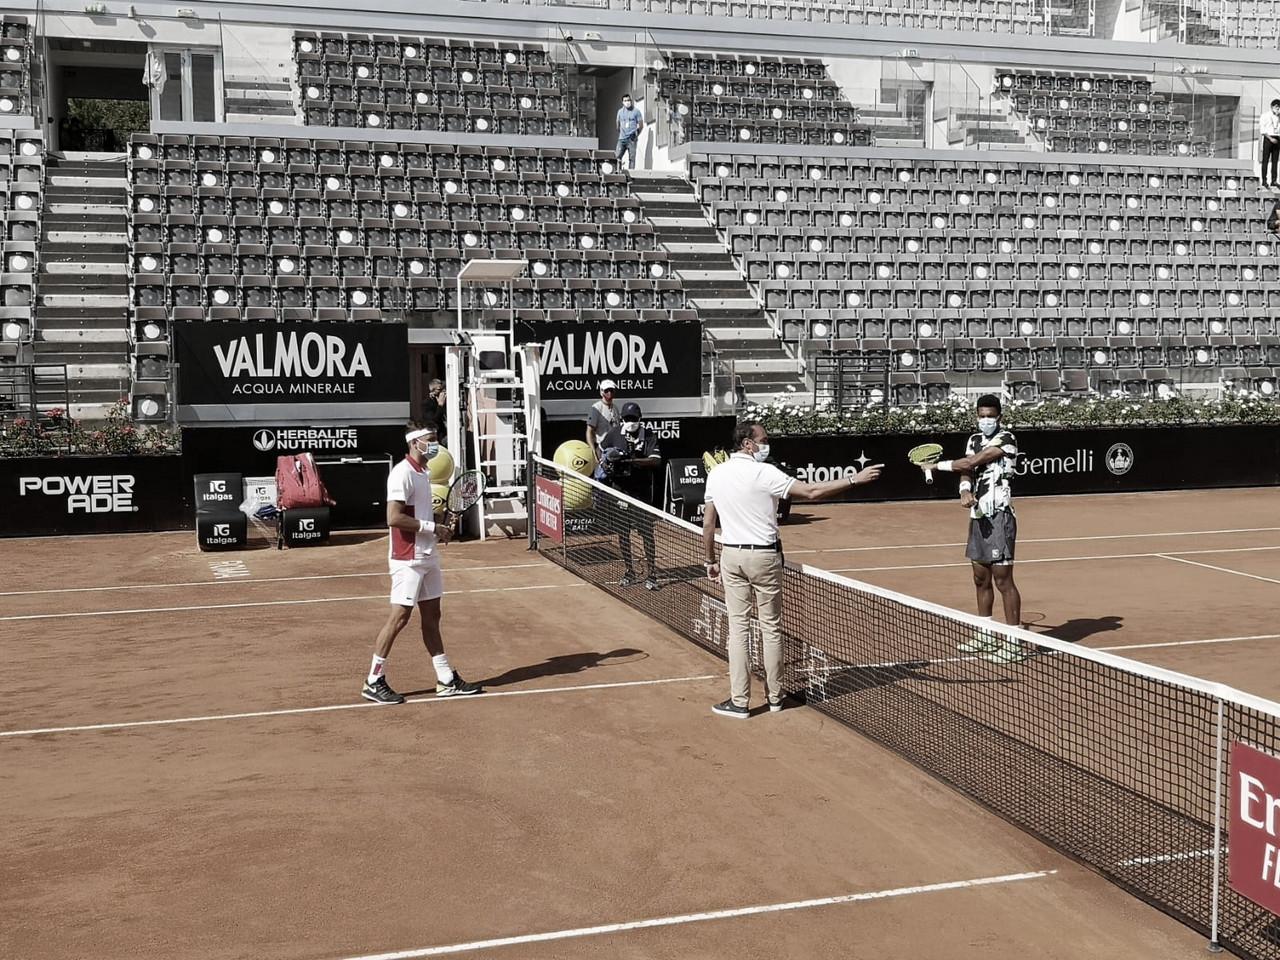 Krajinovic joga melhor, aproveita erros e vence Auger-Aliassime no Masters 1000 de Roma